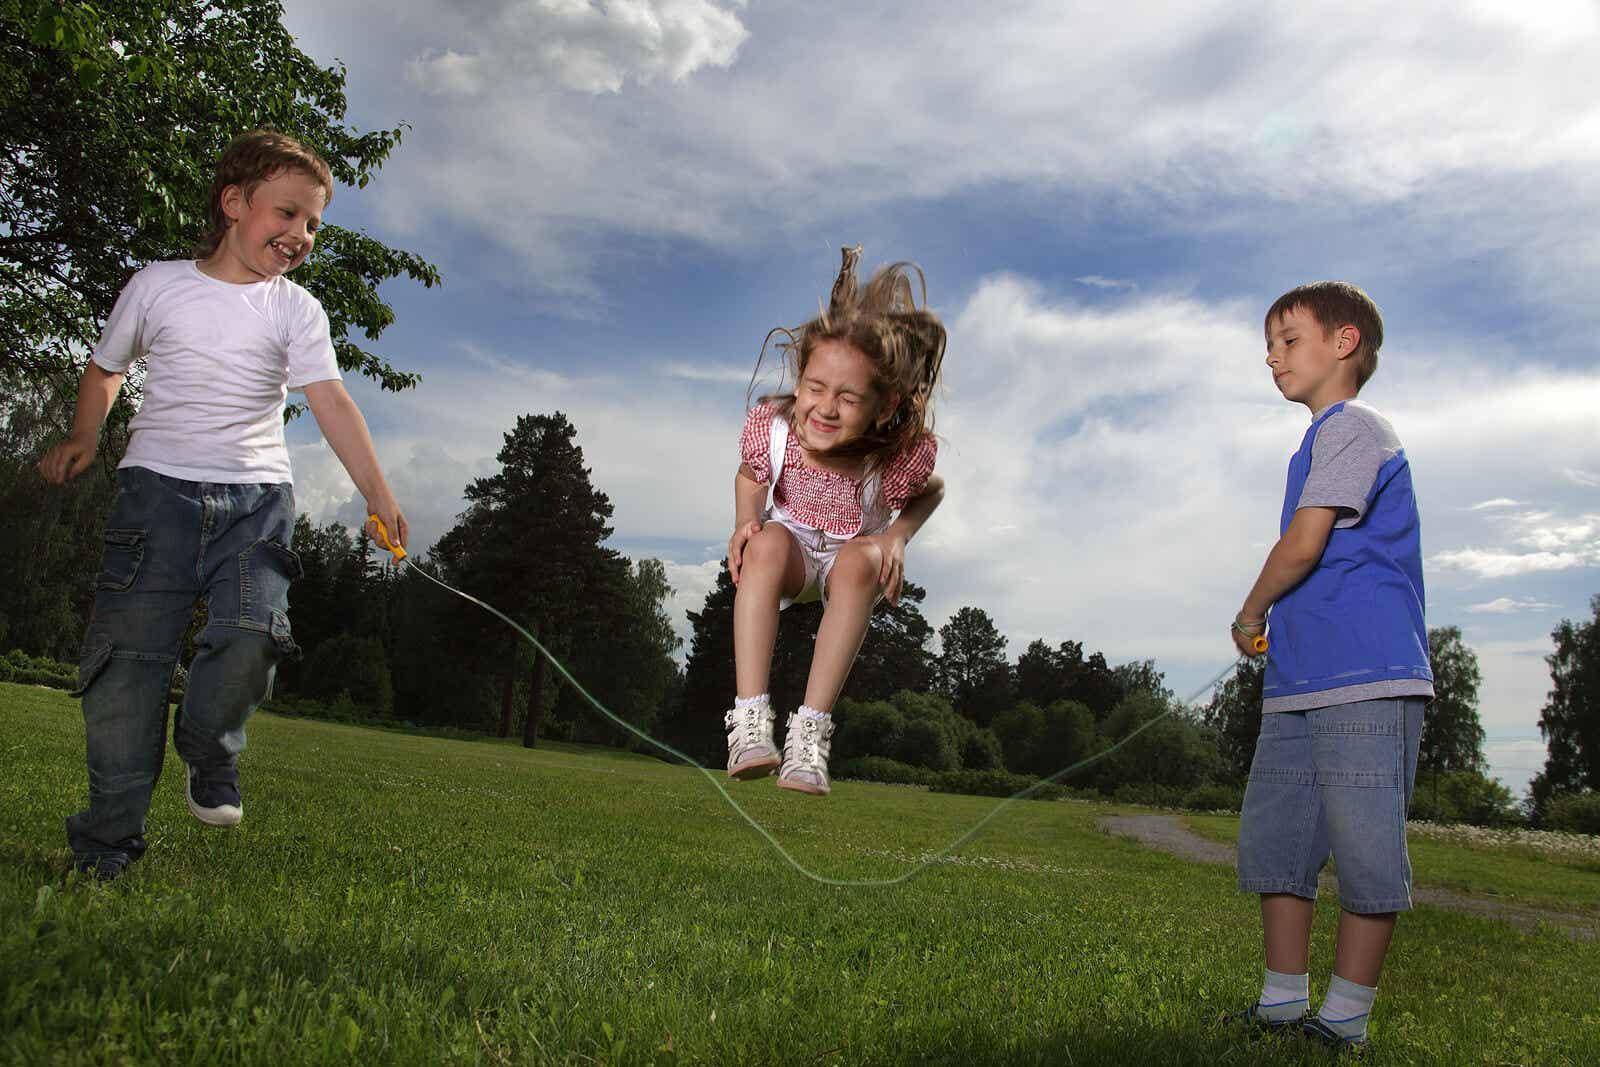 Aktiviteter for å utvikle barns sosiale ferdigheter.